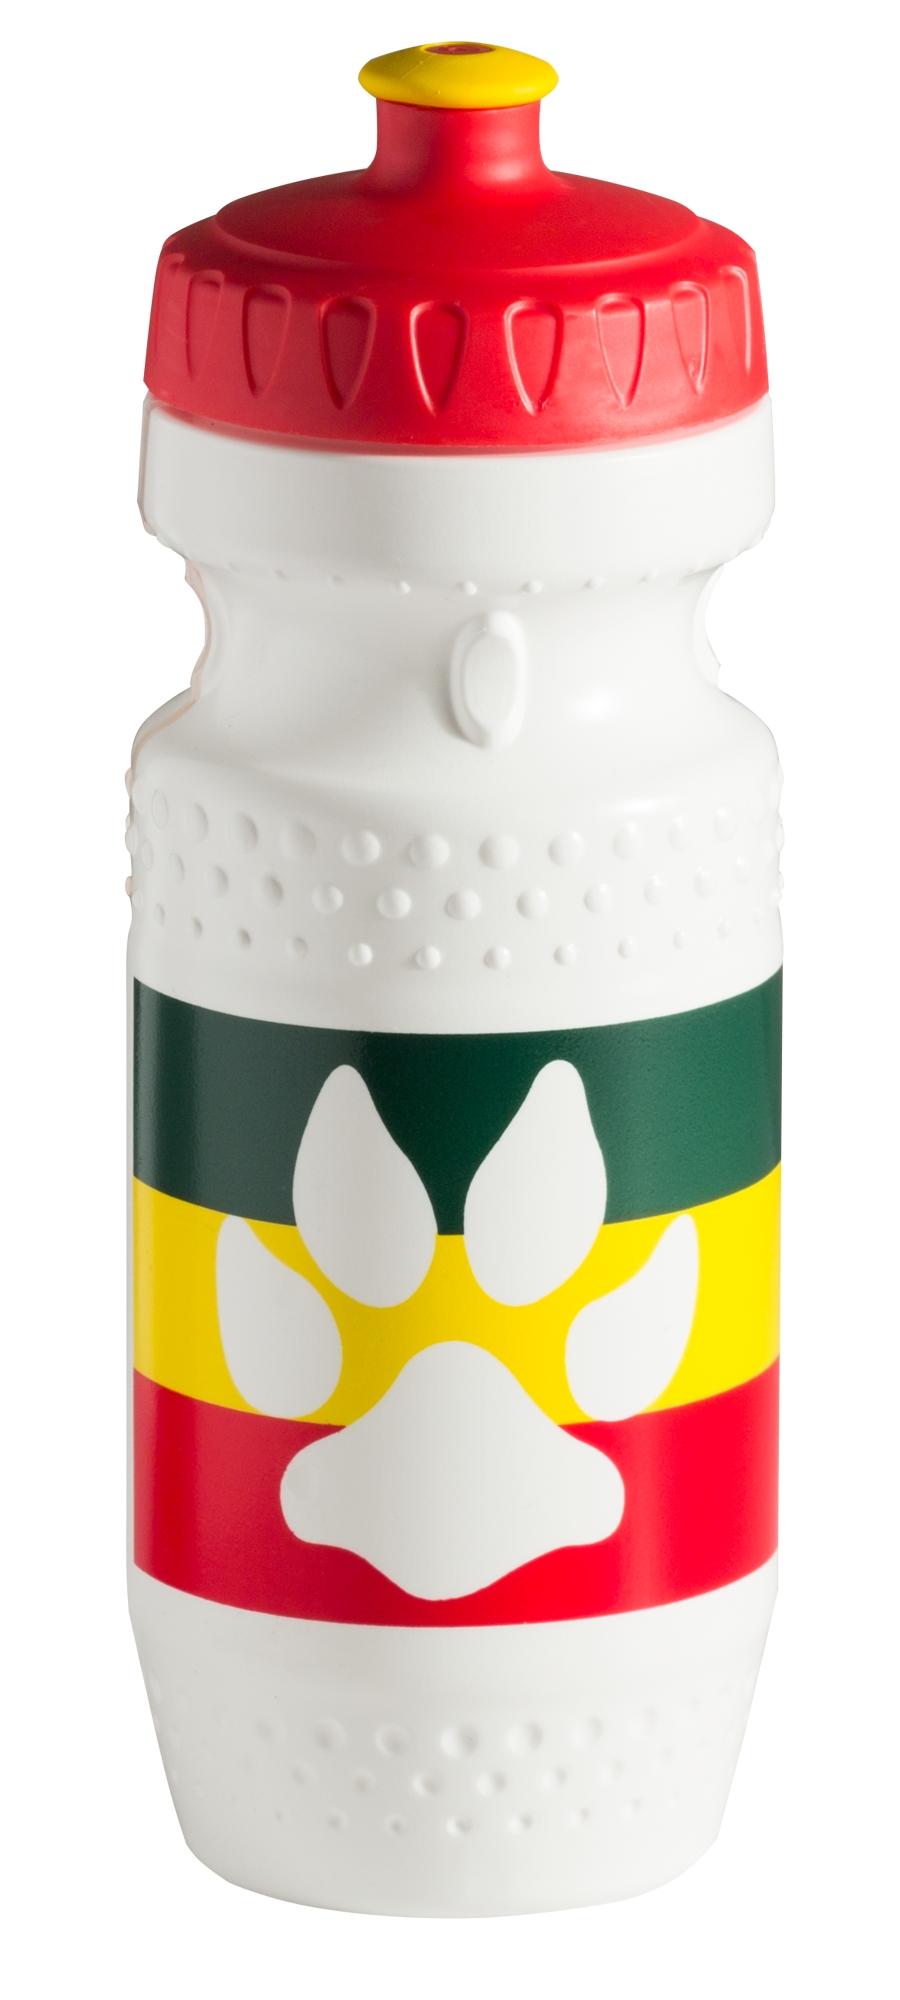 Bontrager Trinkflasche Silo Heritage X1 Schraubverschluss - Bontrager Trinkflasche Silo Heritage X1 Schraubverschluss